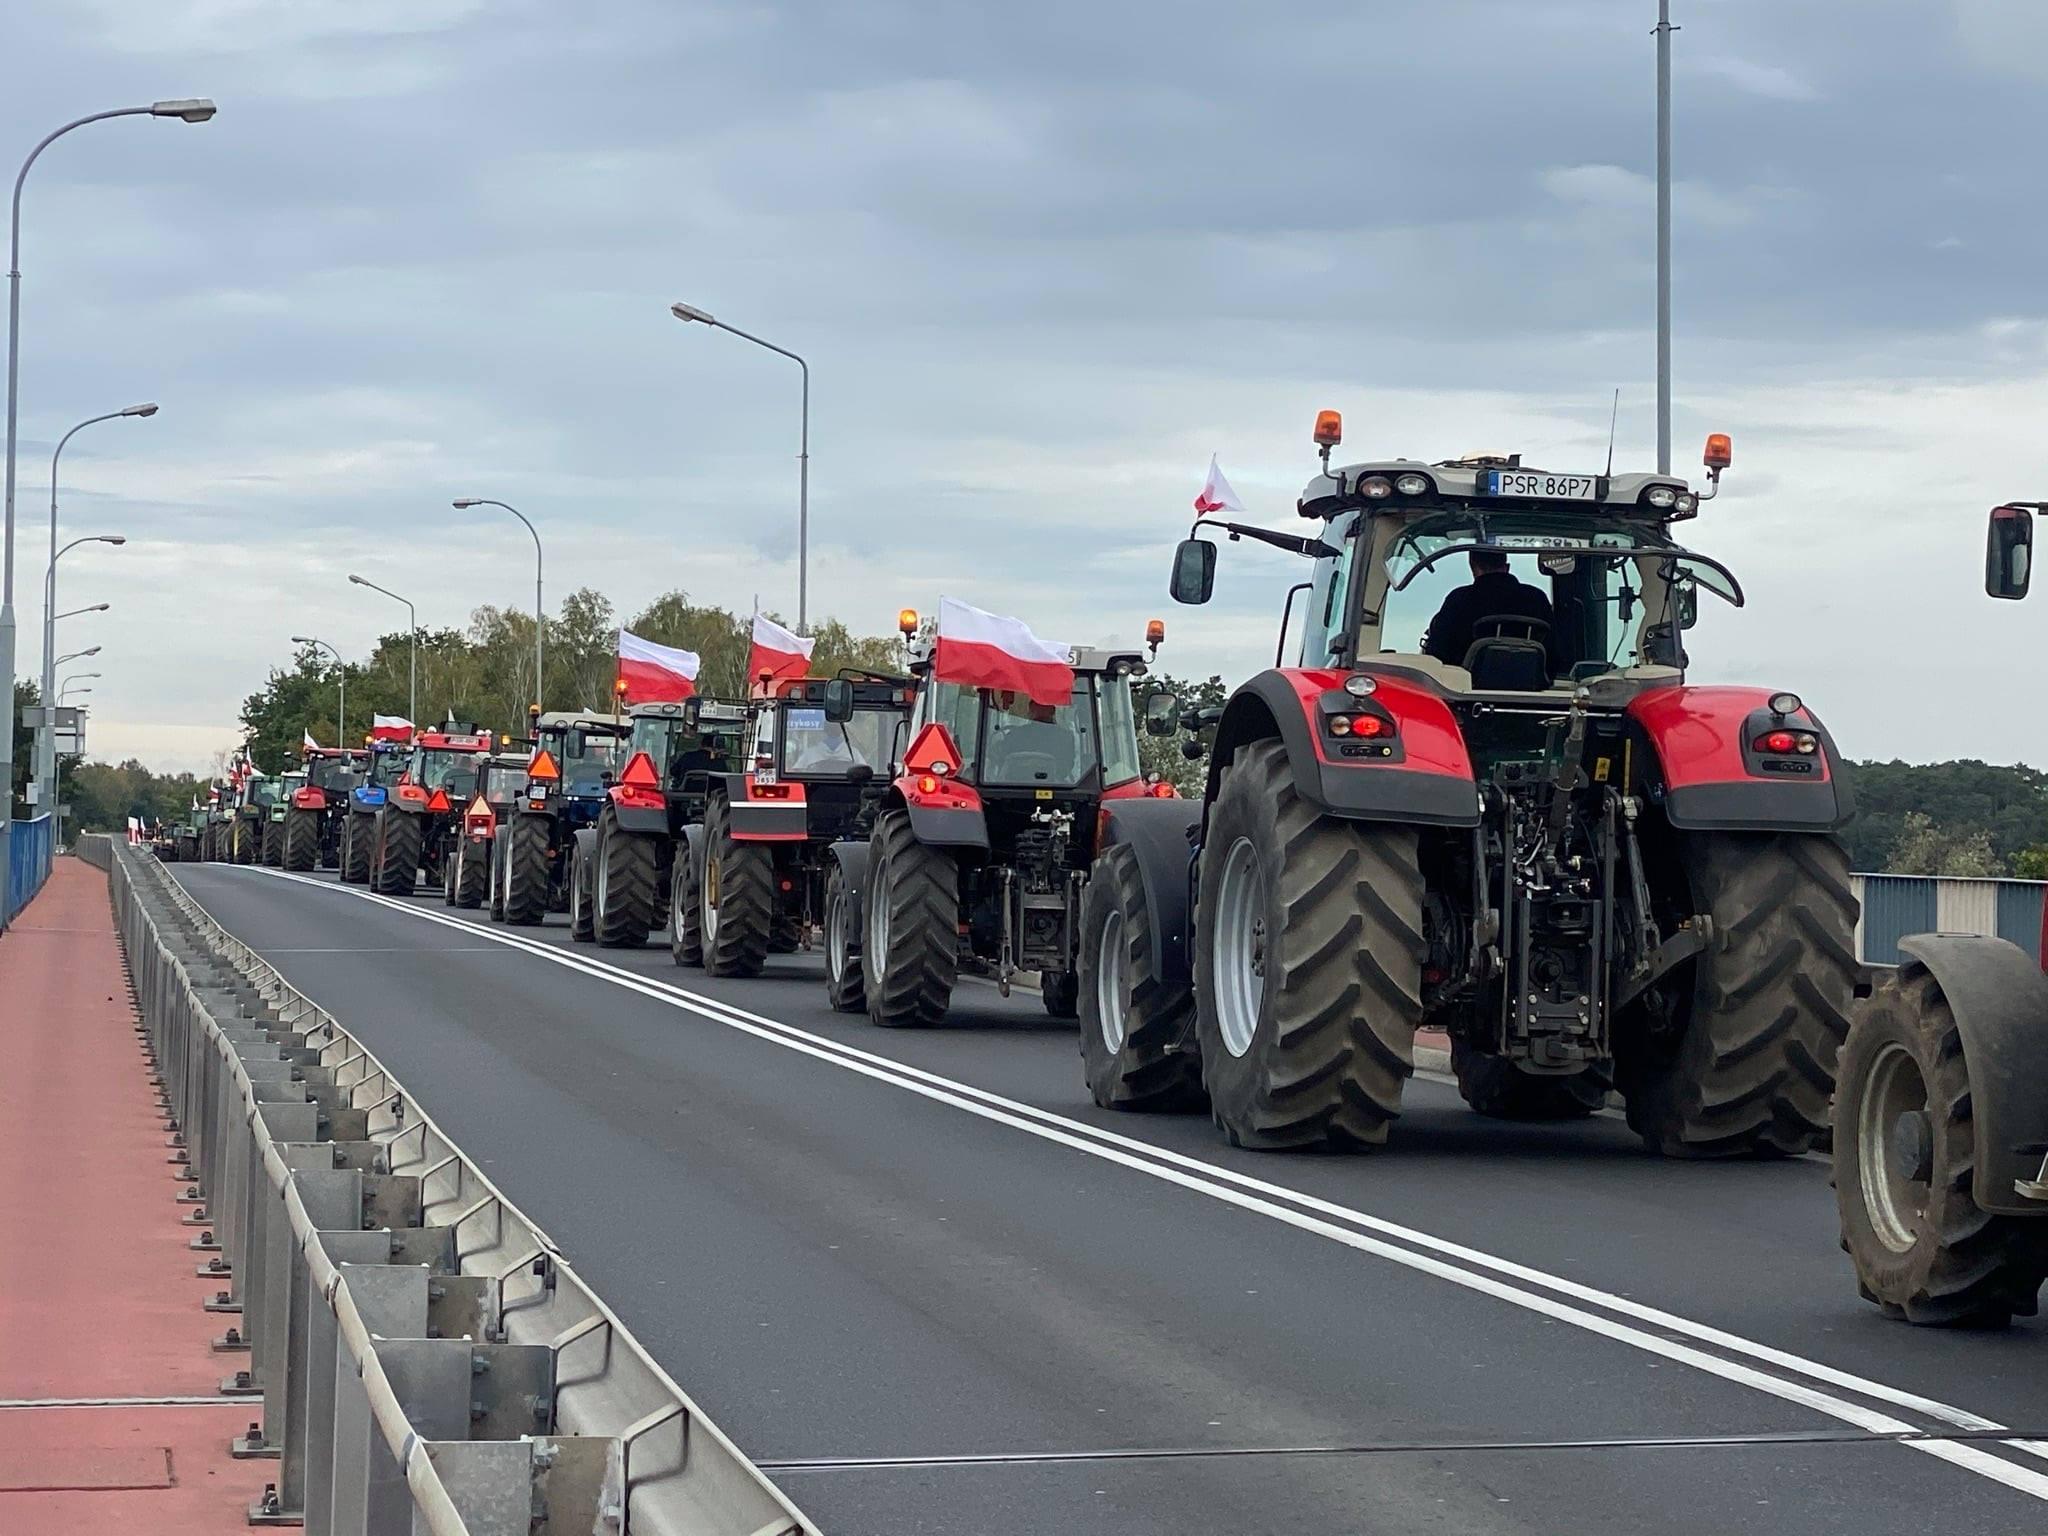 Rolnicy zablokują DK 63 pod Ulanem  - Zdjęcie główne